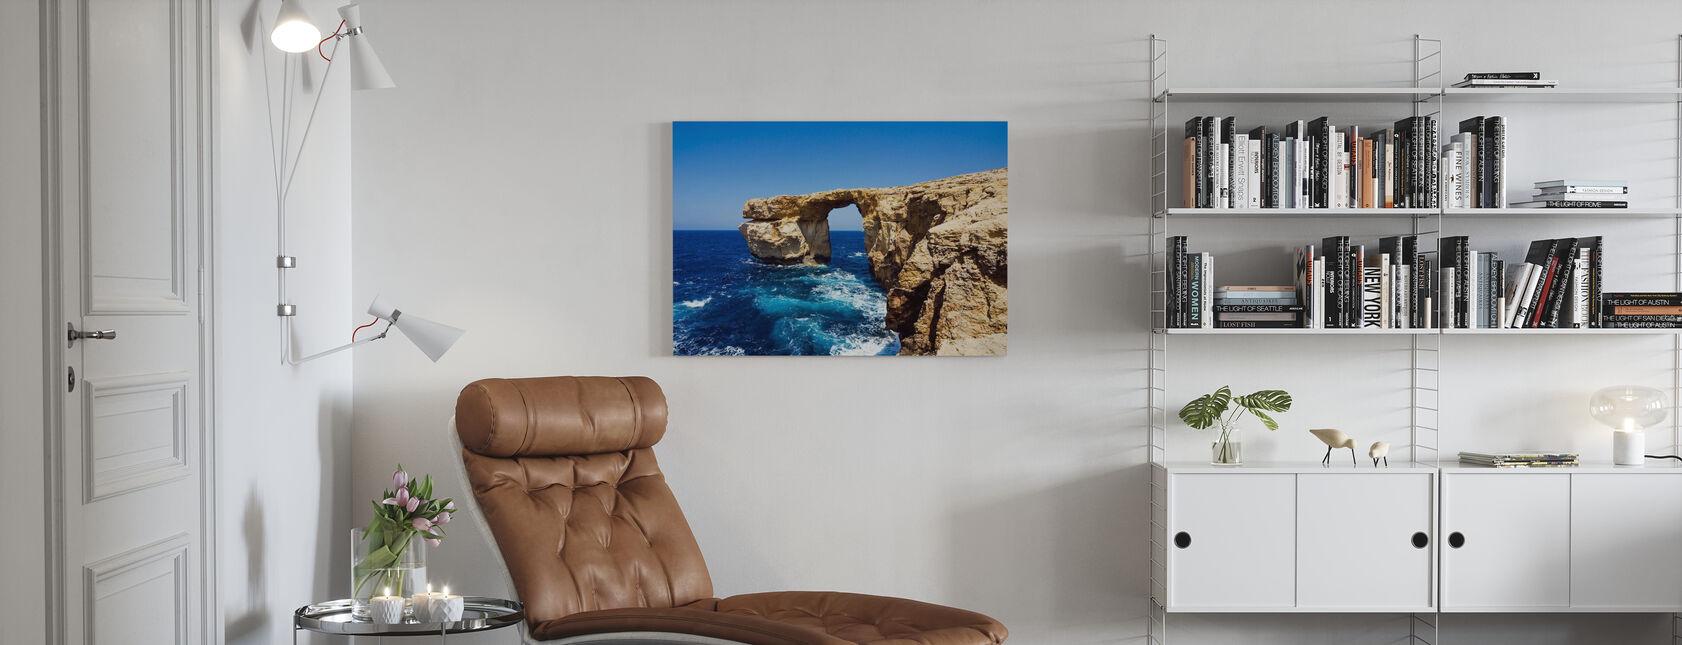 Azure-vindue - Billede på lærred - Stue